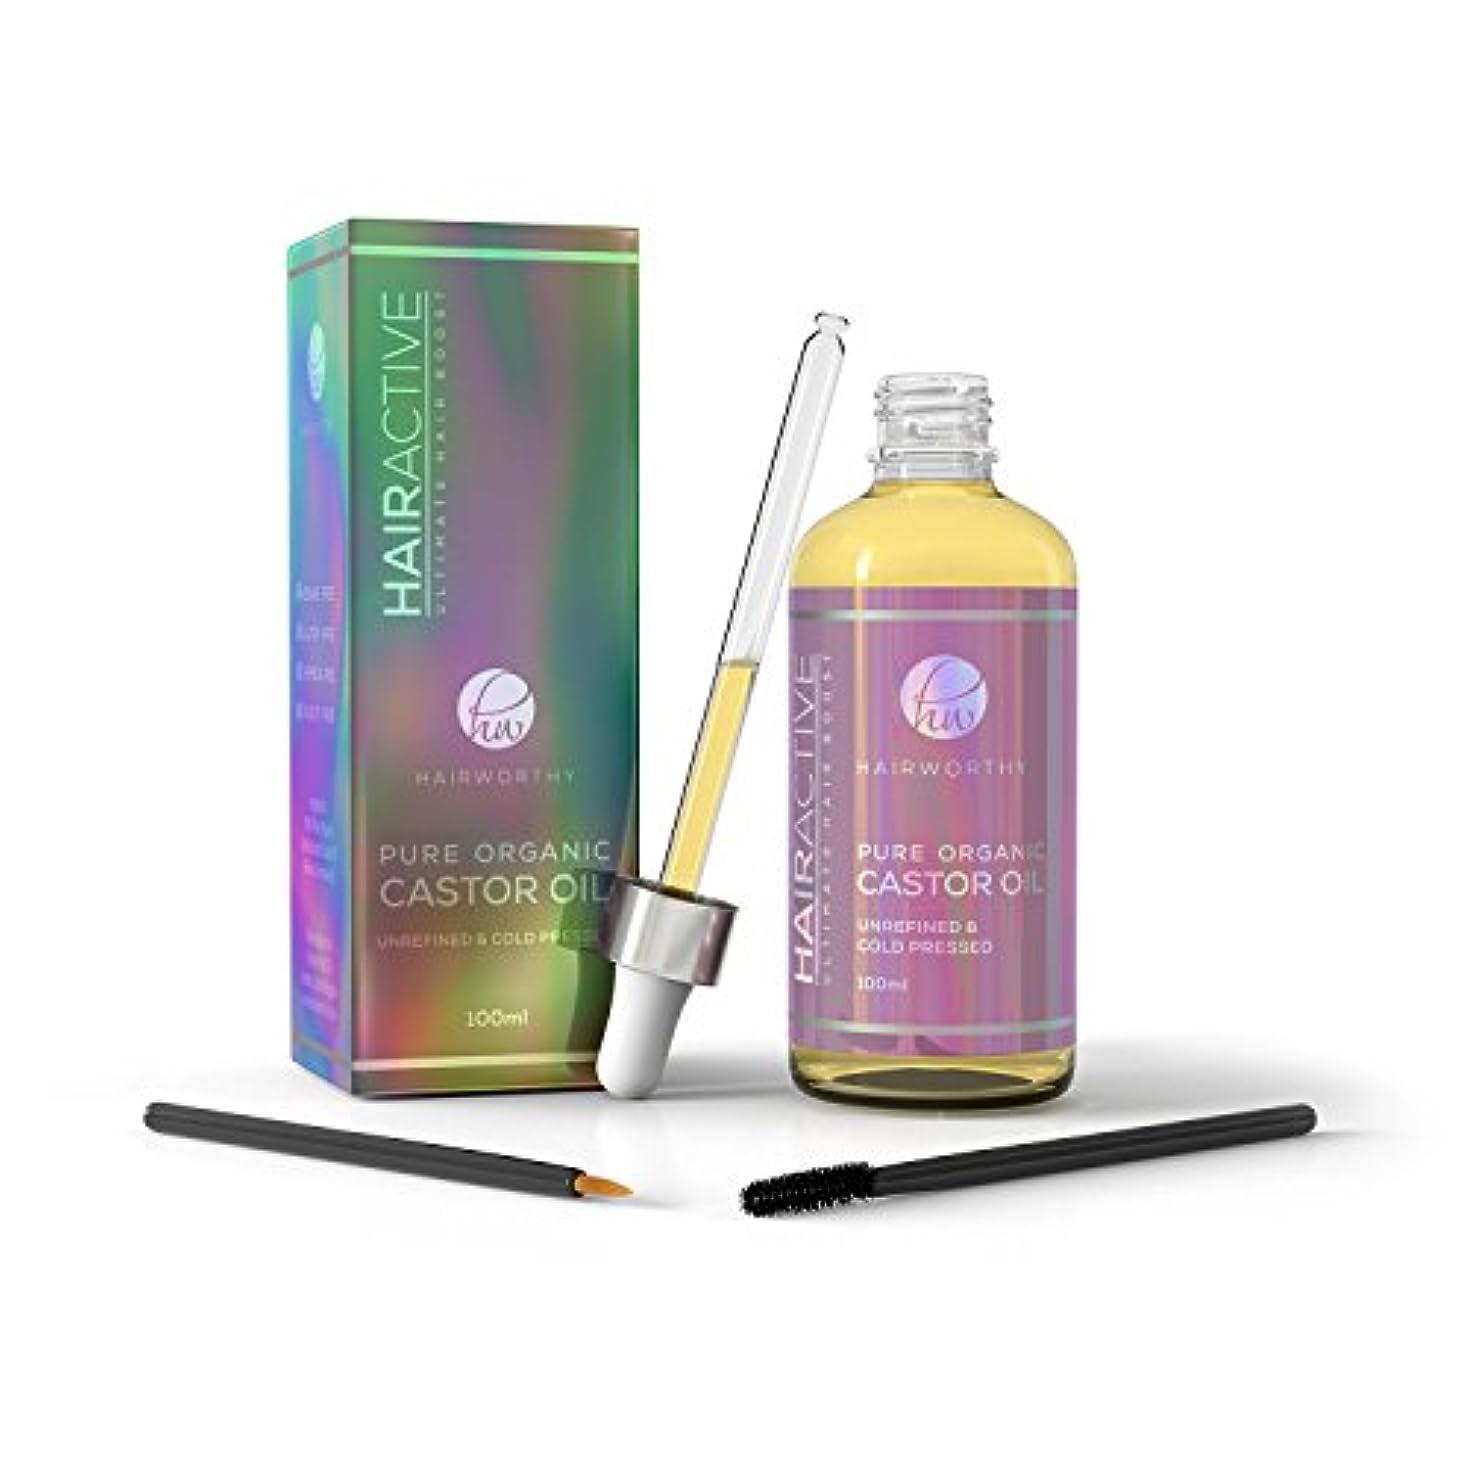 誤解を招くアスリートクスコHairworthy -100% 純粋な、有機的な、冷たい押された、即刻の毛の成長のための自然なヒマシ 油、高めのまつげ及び眉毛。ヘキサン-皮膚 & 爪のための無料のプレミアムオイル。アプリケーターキット付属。